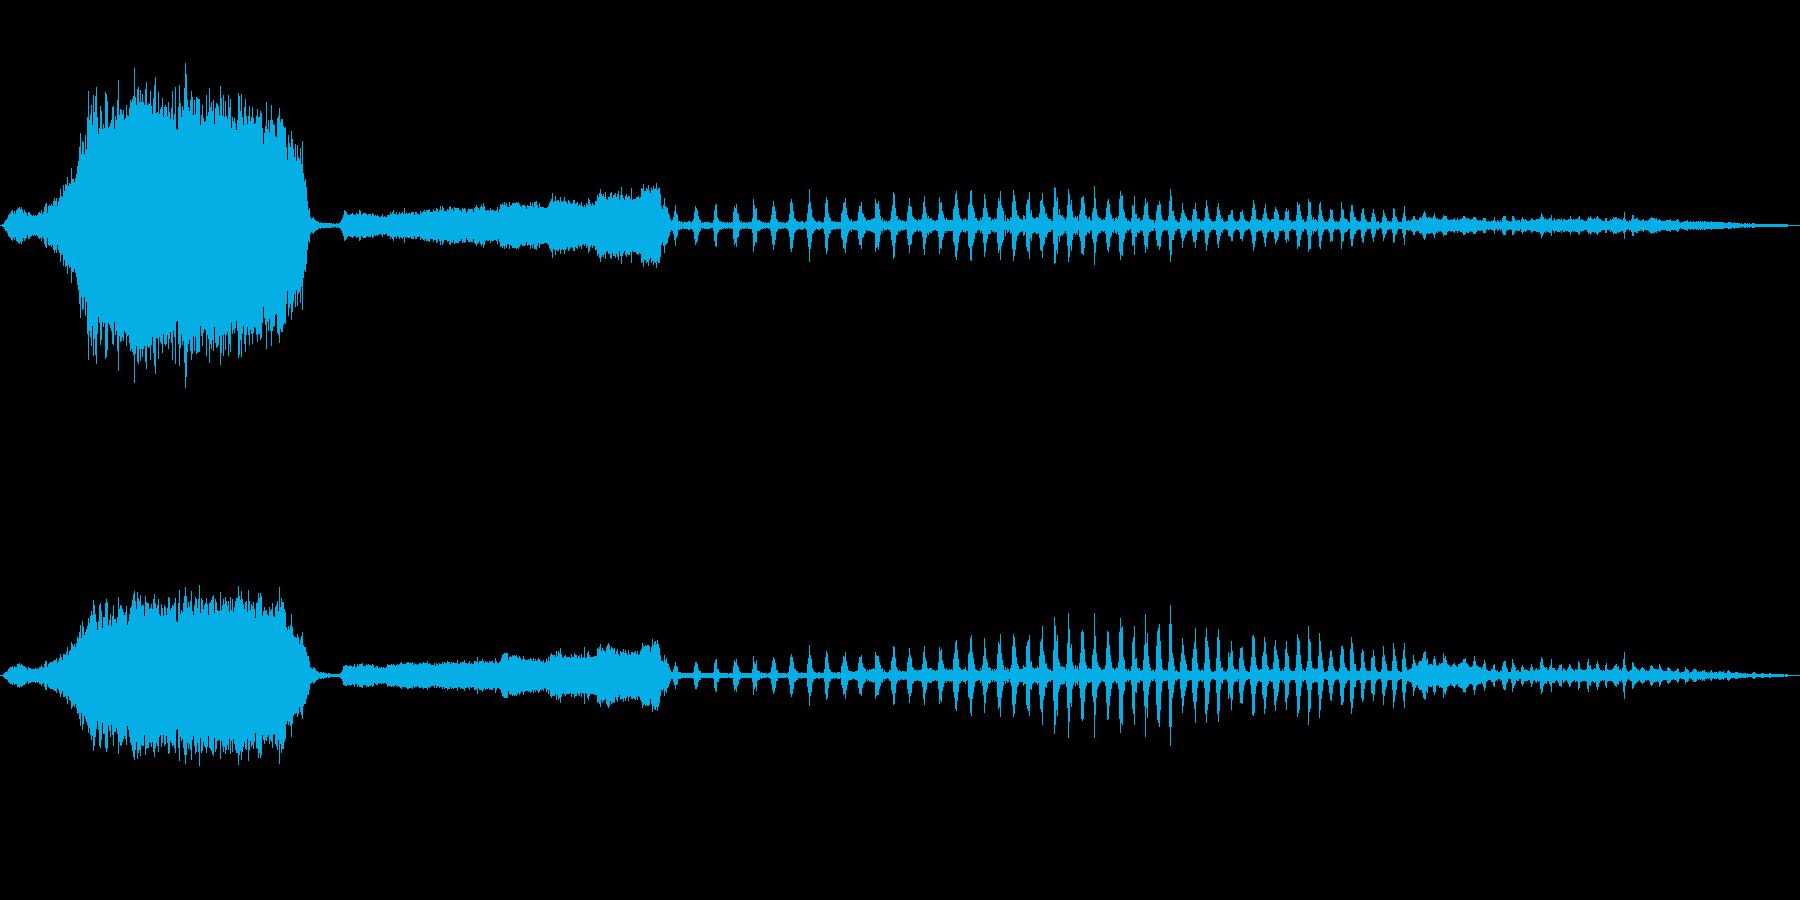 蒸気機関車の音の再生済みの波形